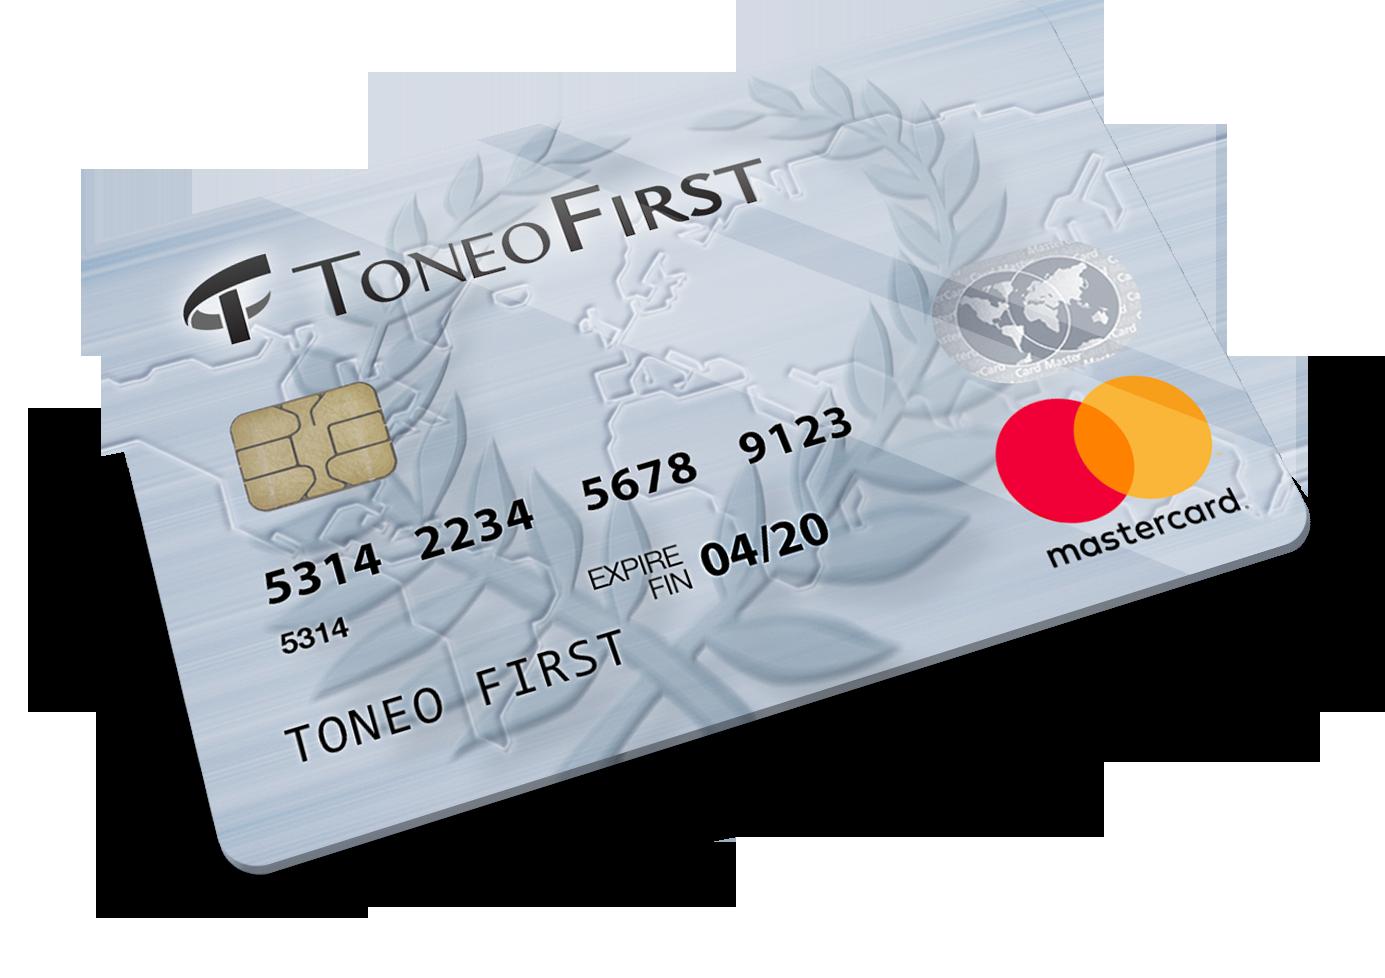 Carte Bancaire Prepaye International.Avenir Des Cartes Prepayees Gie Et Commerces Toneo First